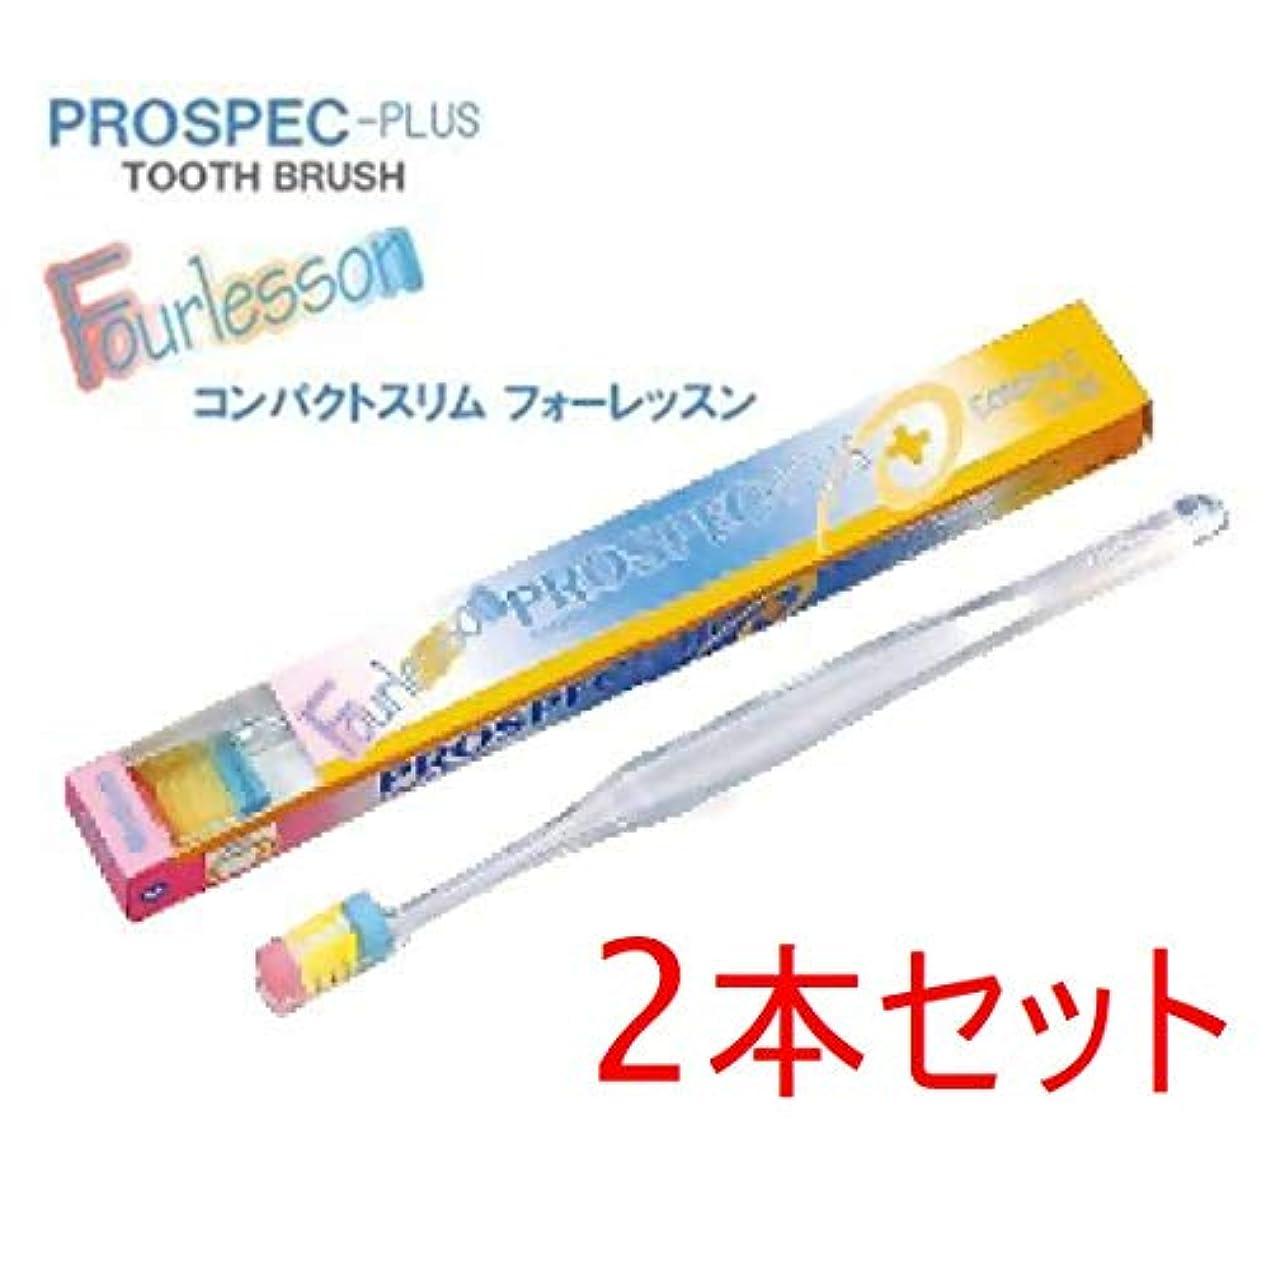 プロスペック 歯ブラシ コンパクトスリム 2本 フォーレッスン 毛の硬さ ふつう